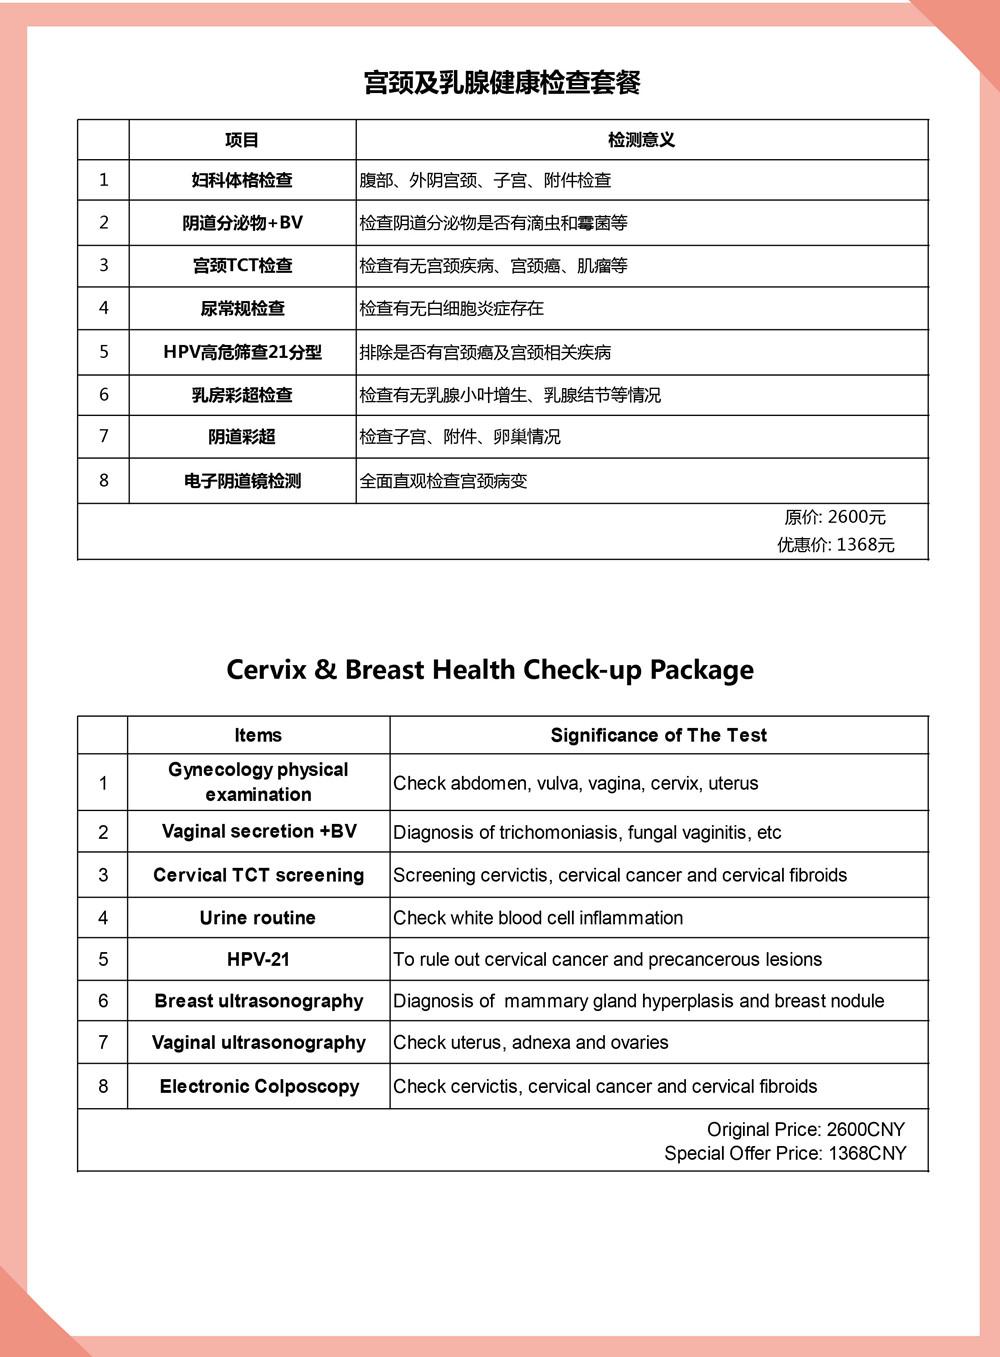 女性健康中心单页-06_副本.jpg